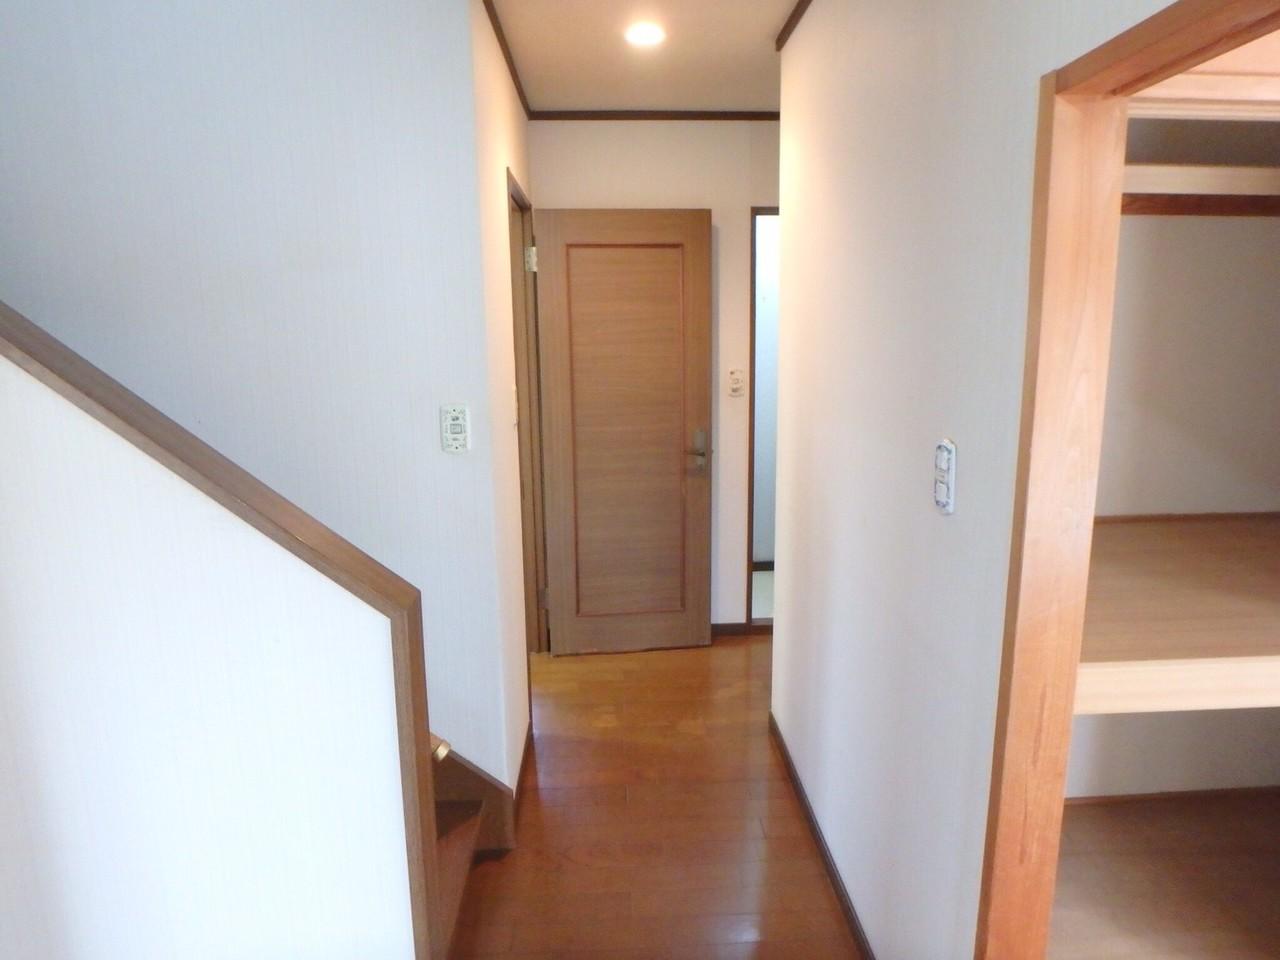 玄関を開け中に入ると、外からの日差しで廊下が明るくなりました。 左手がリビングと廊下、右手が和室になります。